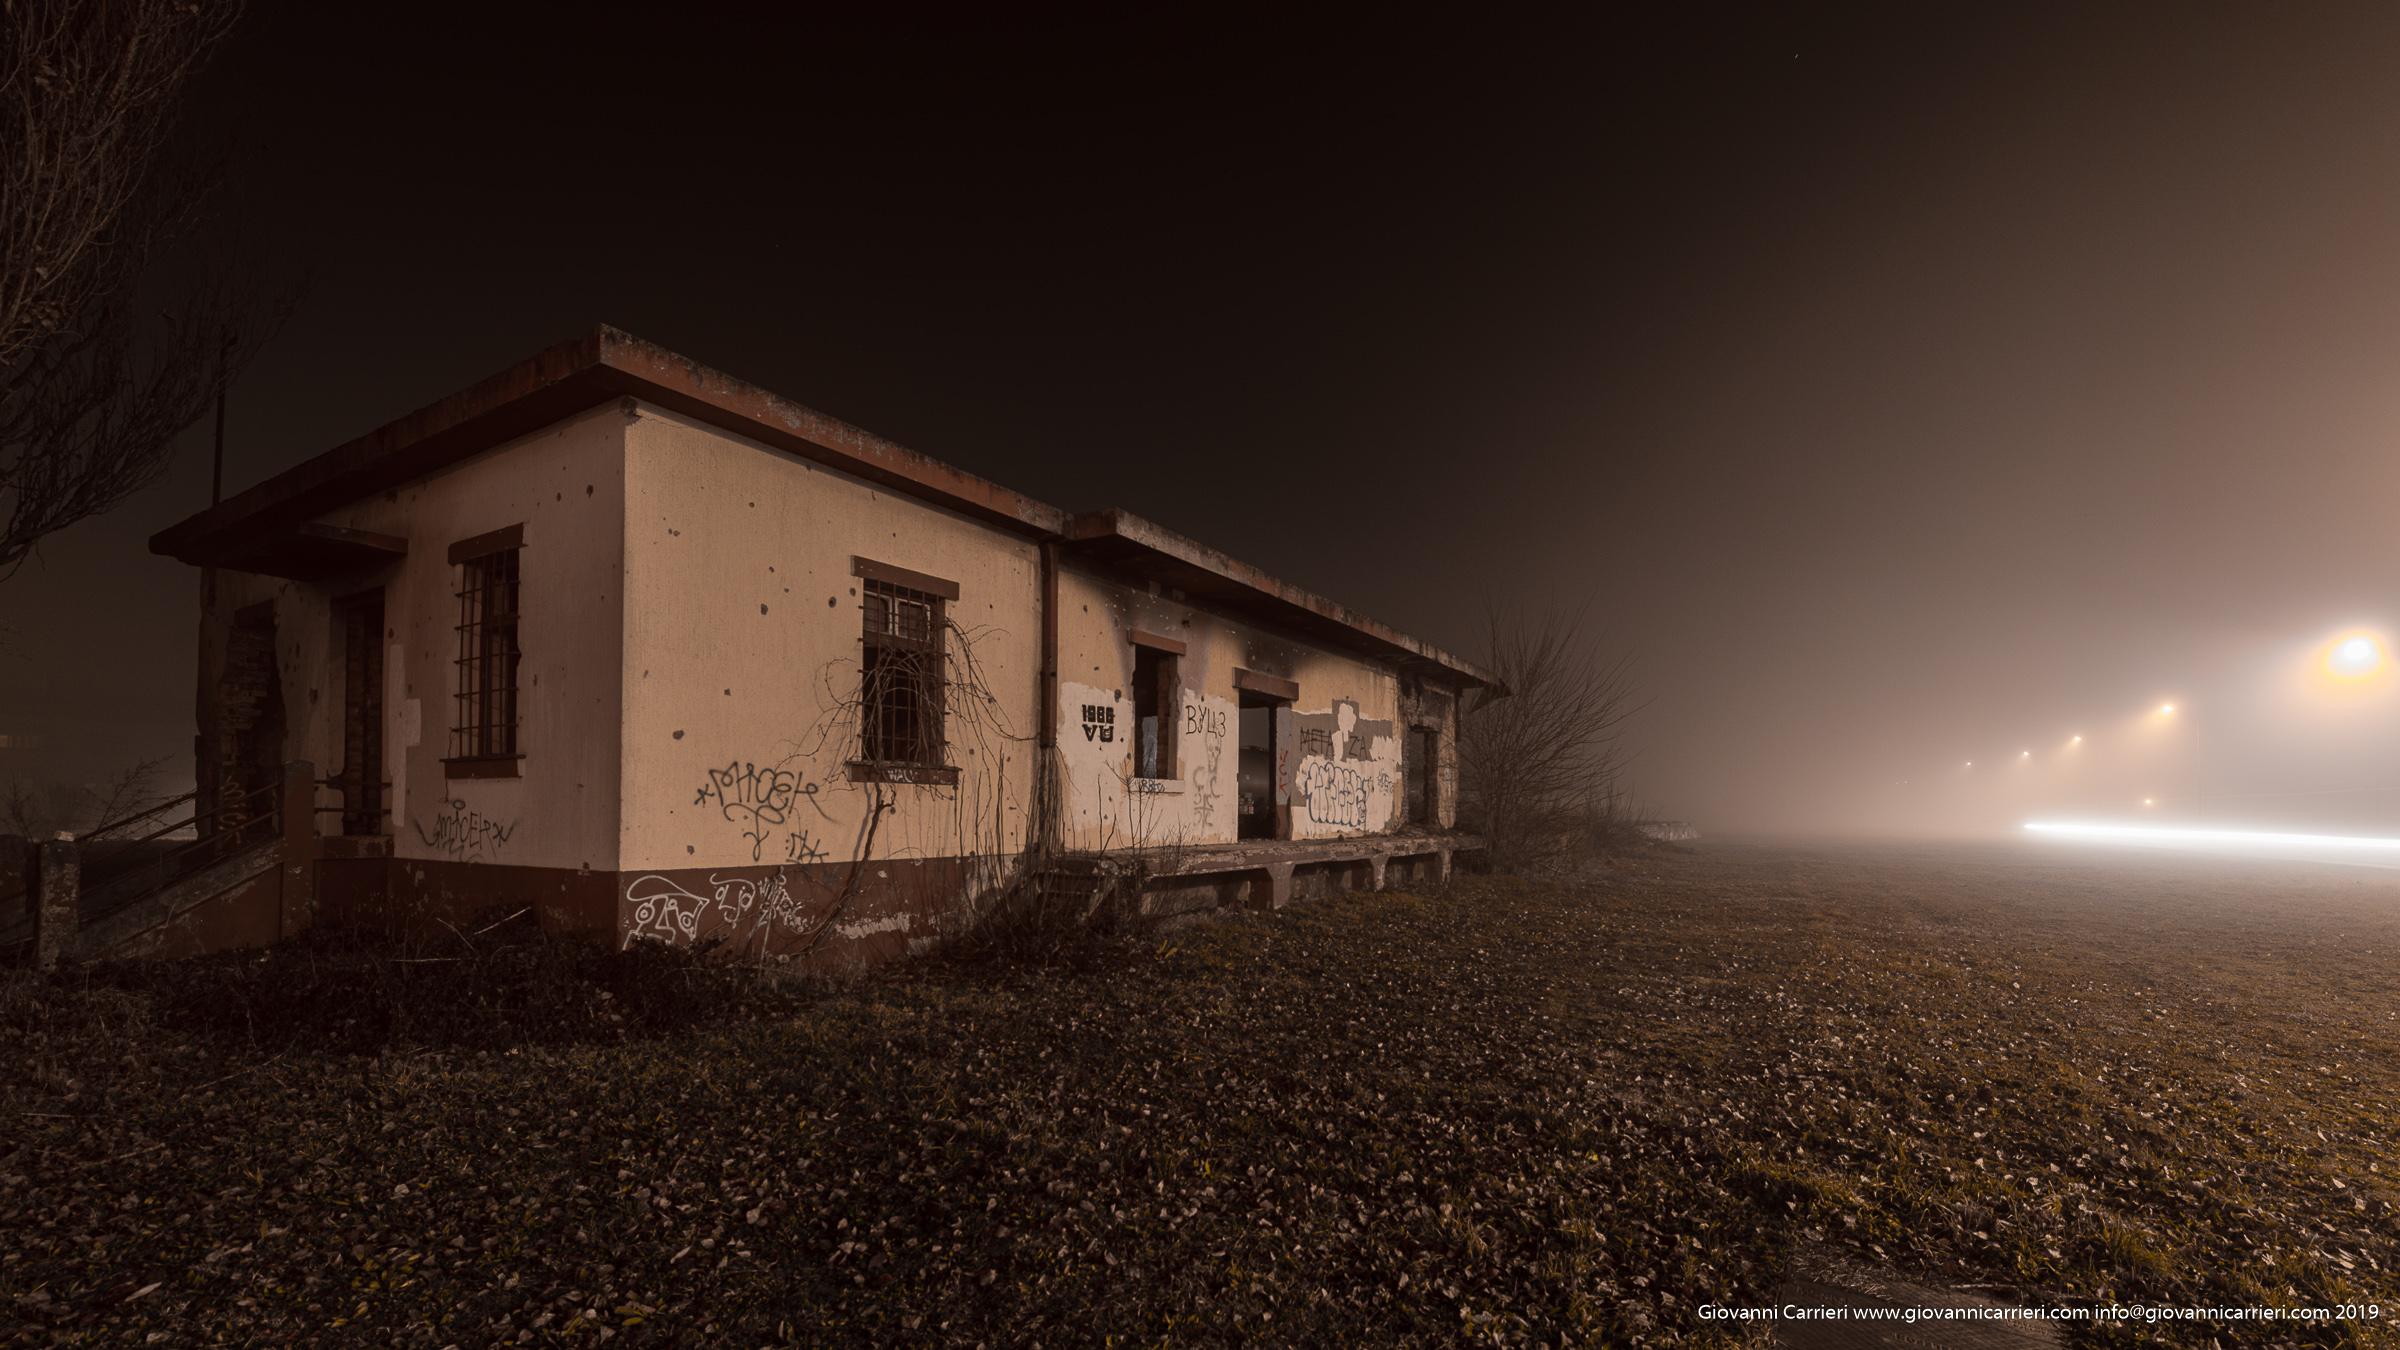 Nei pressi della stazione, tra nebbia e distruzione - Vukovar